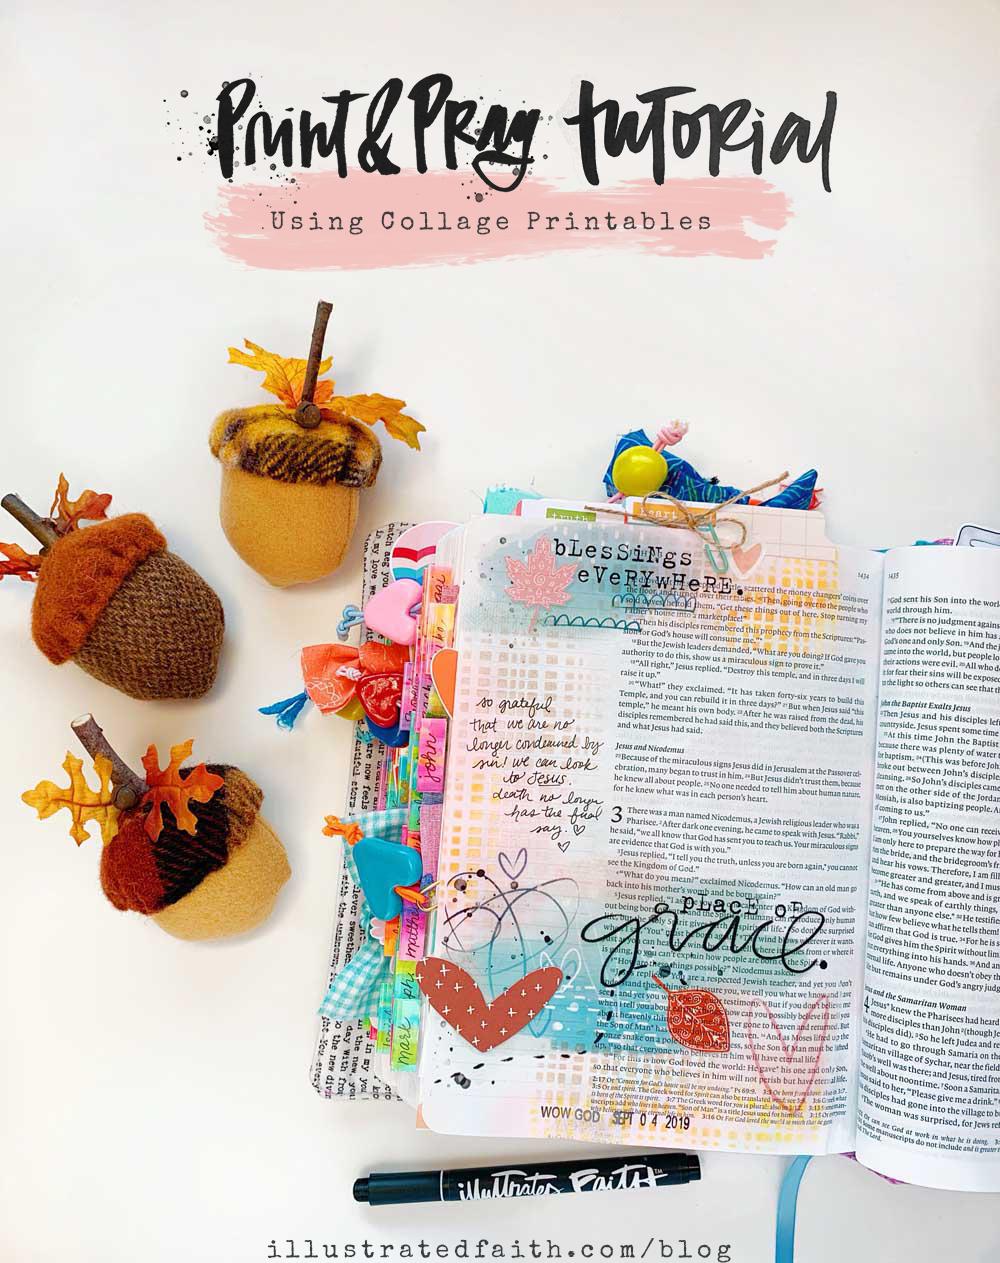 Hybrid Print and Pray Bible Journaling | Using Collage Printables | John 3